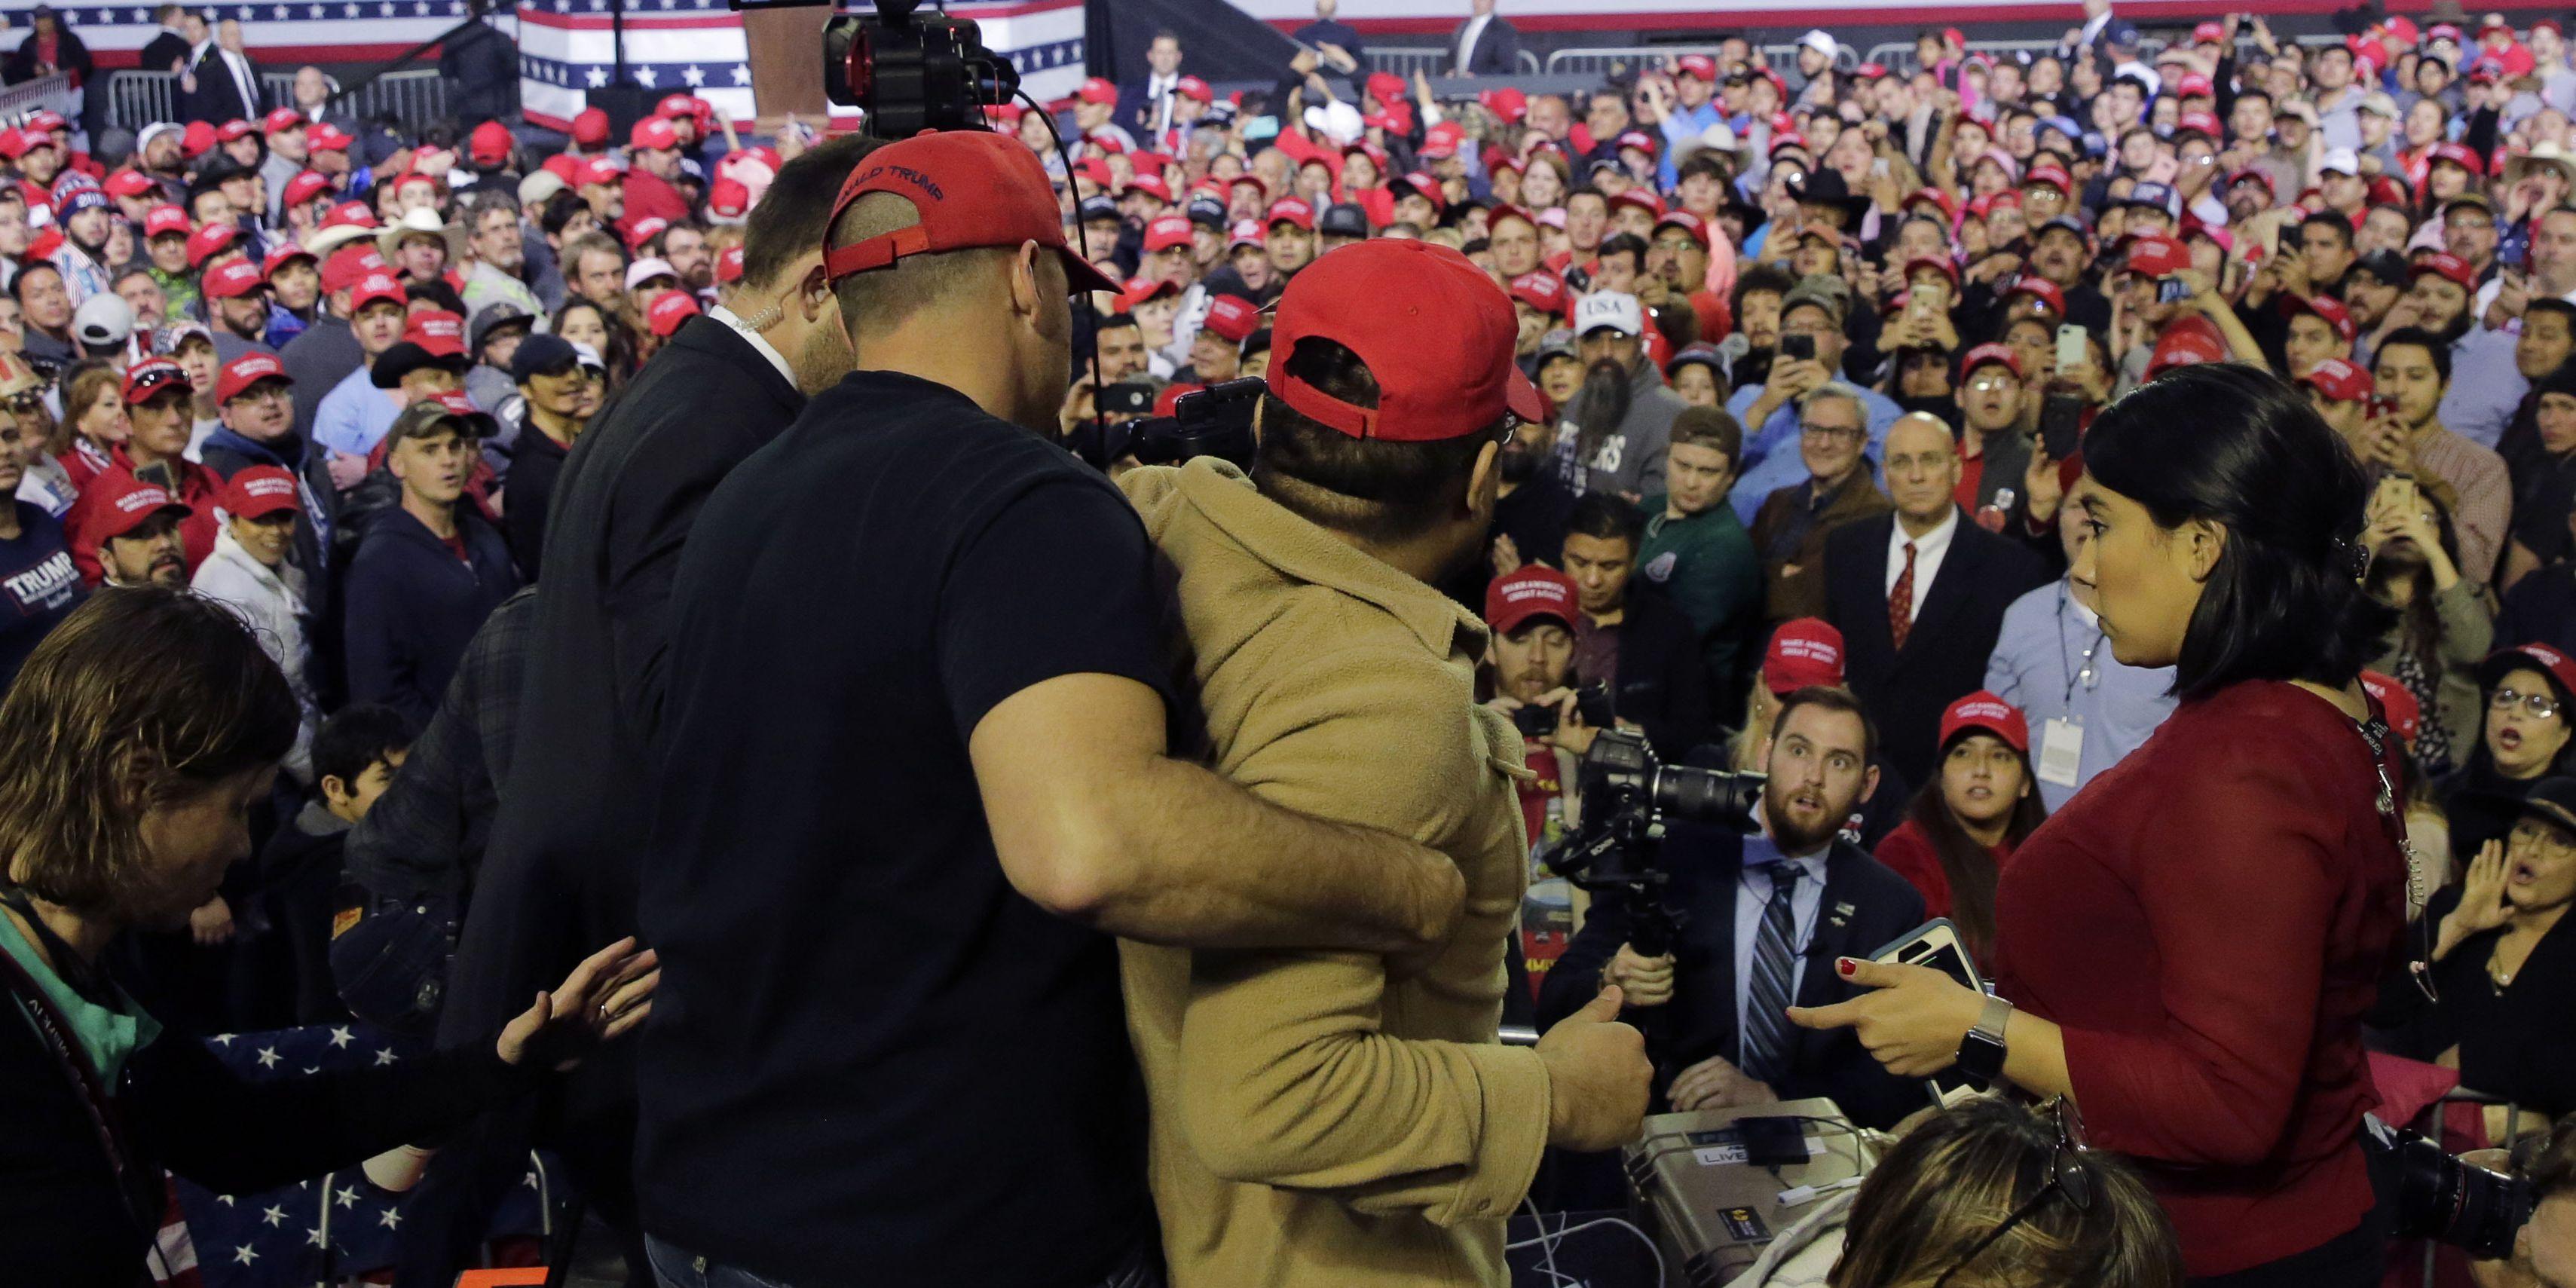 Man at Trump rally attacks BBC cameraman